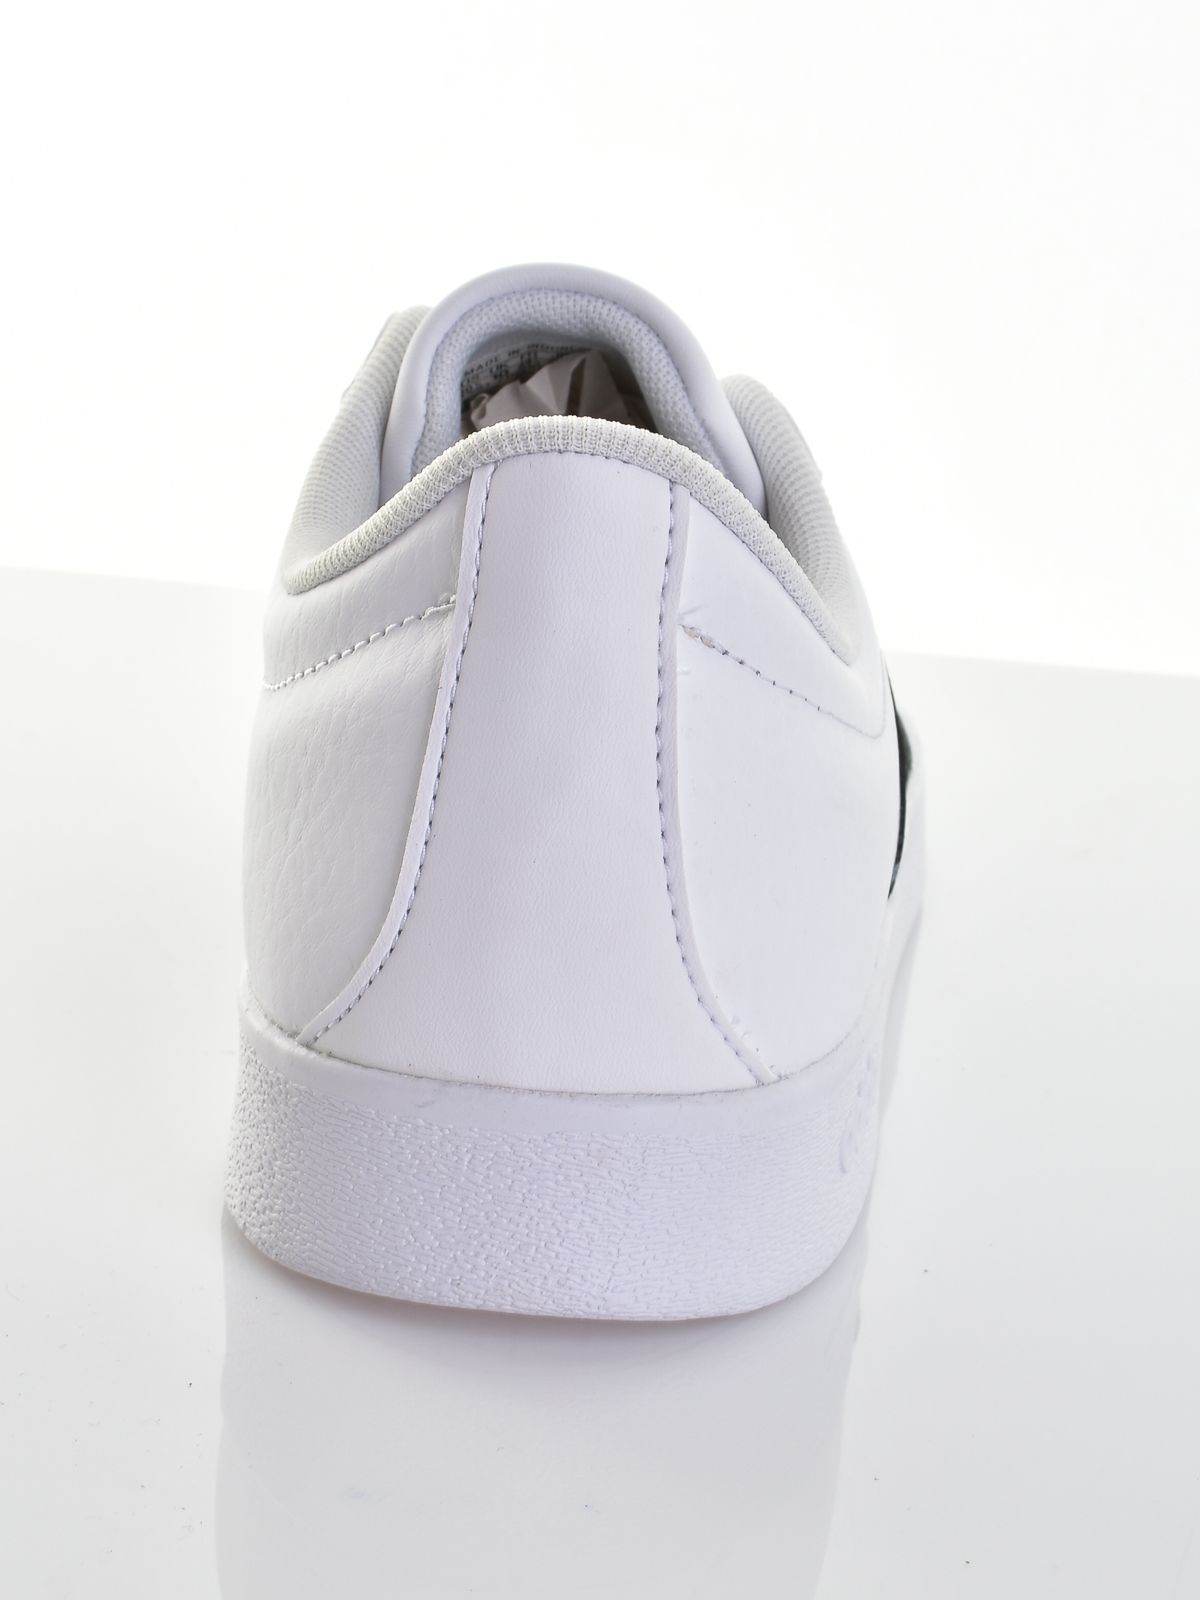 ... Adidas férfi cipő VL COURT 2.0 e37054ccf0